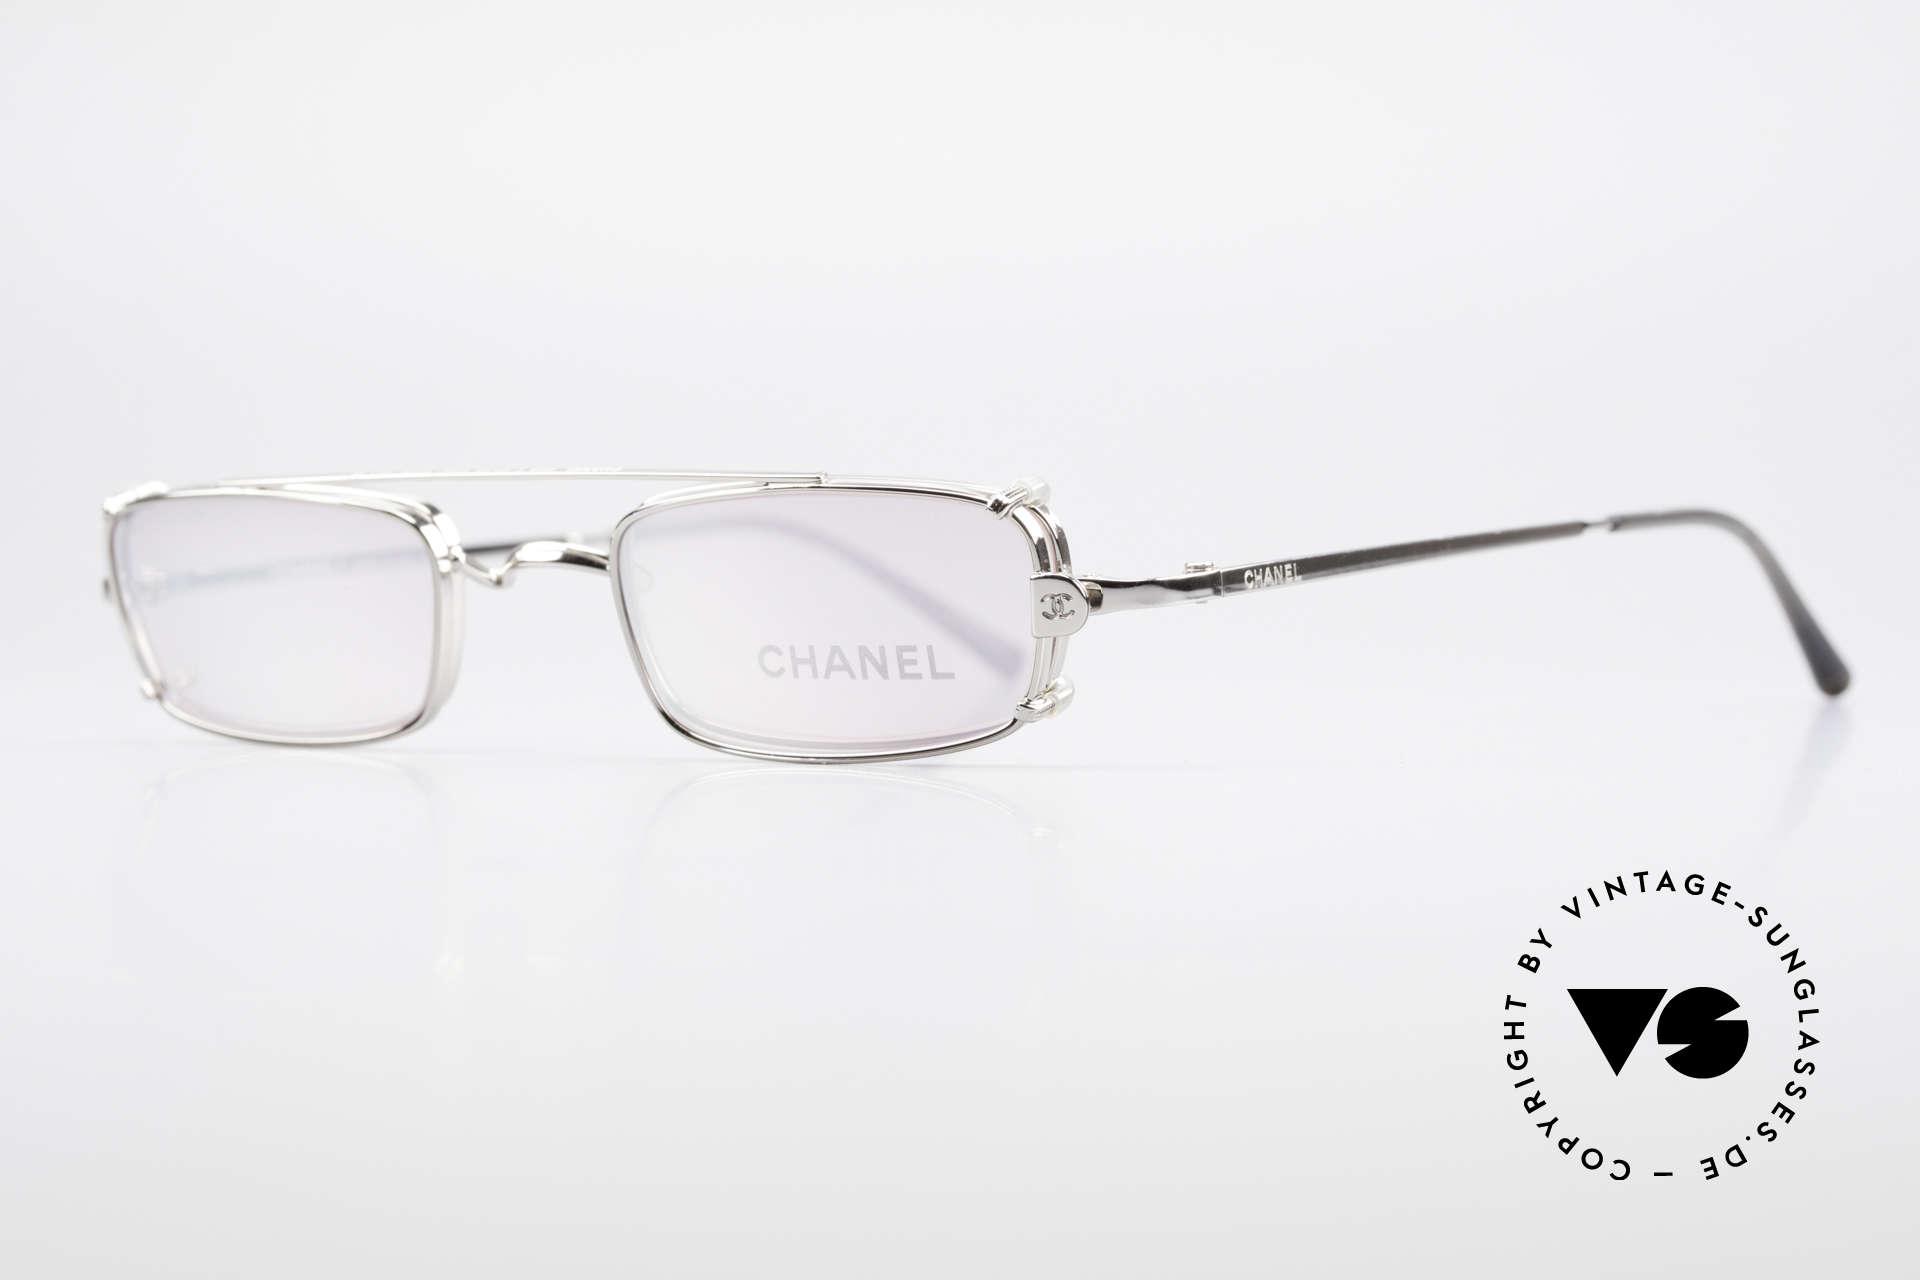 Chanel 2038 Pinke Luxus Brille Sonnenclip, Luxus-Lifestyle & Top-Funktionalität gleichermaßen, Passend für Damen